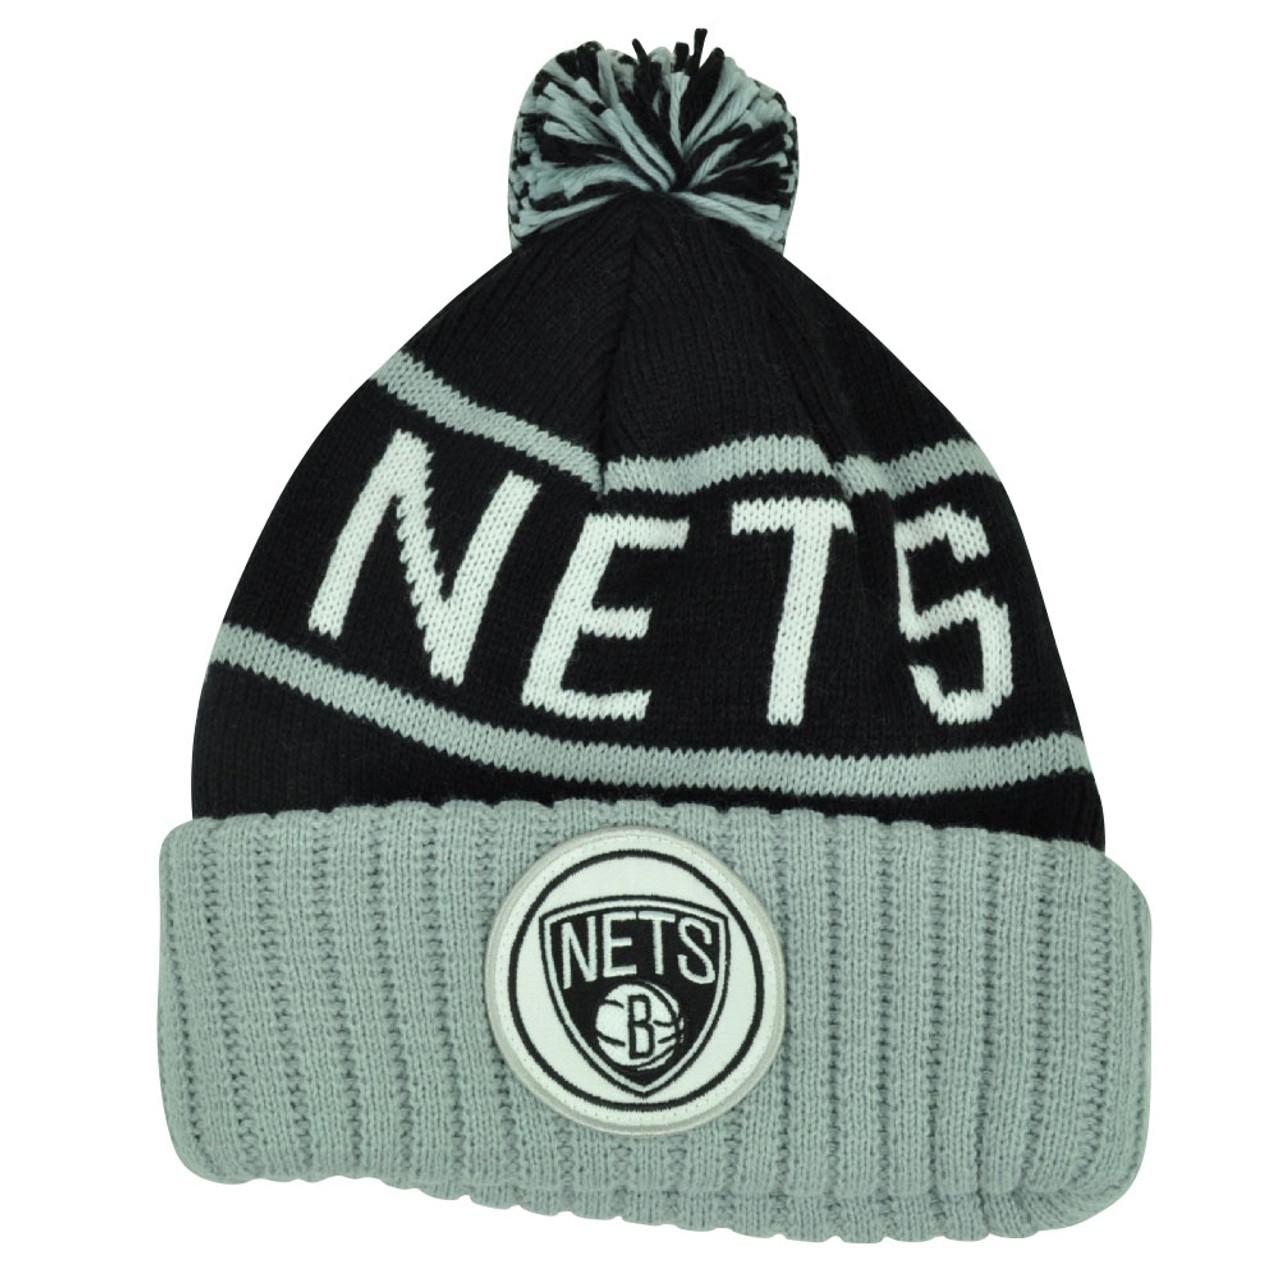 f563bb690 NBA Mitchell Ness KJ58 Brooklyn Nets Cuffed Pom Pom Knit Beanie Skully Hat  Grey